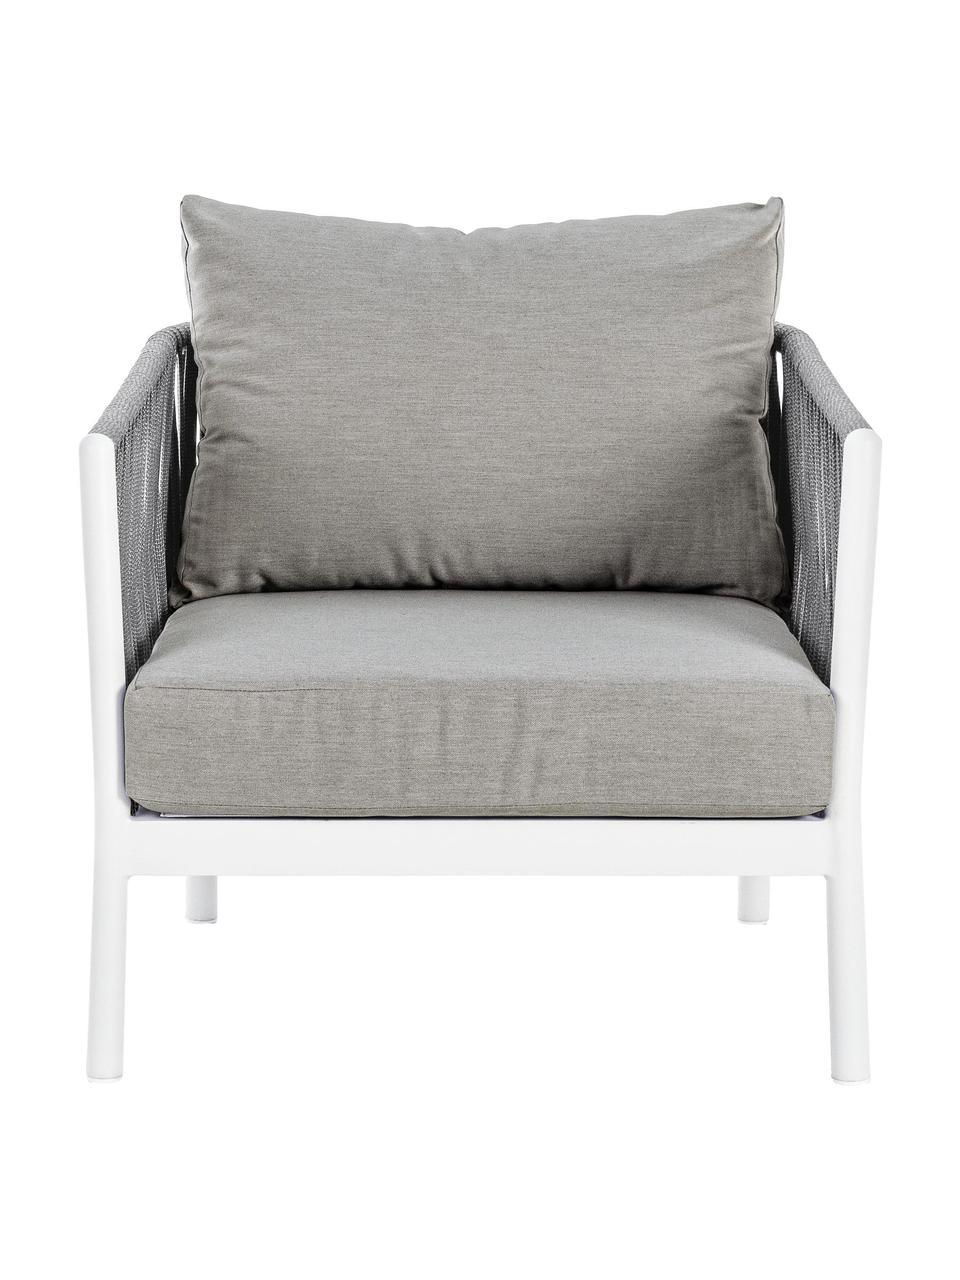 Fotel ogrodowy Florencia, Stelaż: aluminium, malowane prosz, Szary, biały, S 80 x G 85 cm